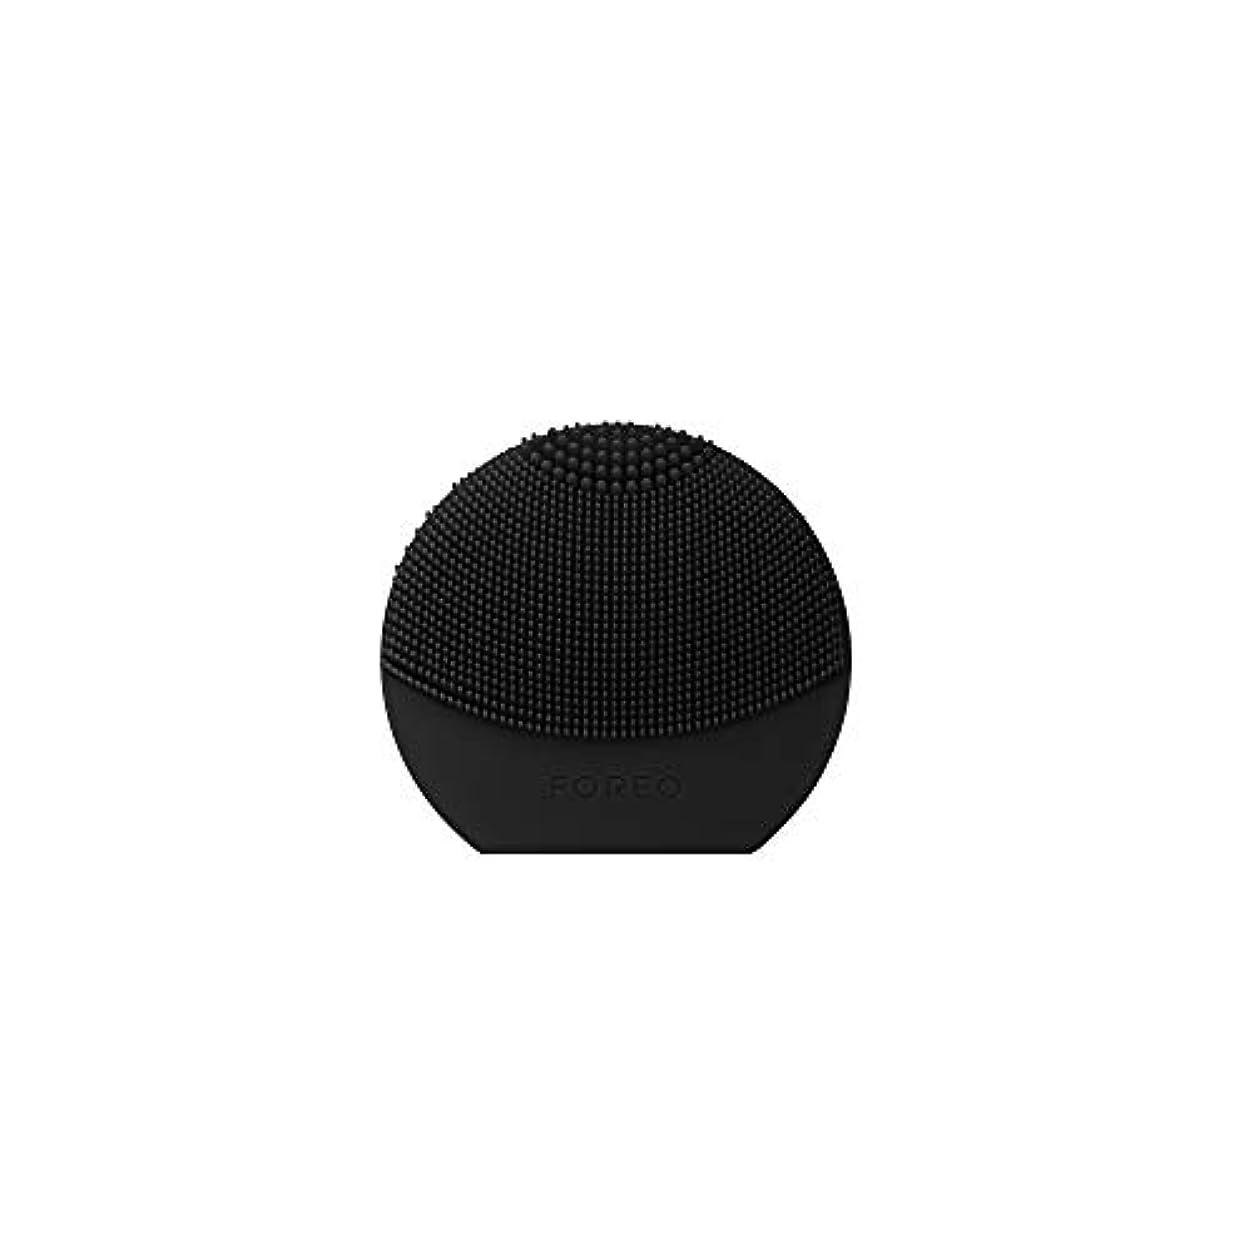 満足させるたっぷり心配するFOREO LUNA Play Plus ミッドナイト シリコーン製 音波振動 電動洗顔ブラシ 電池式